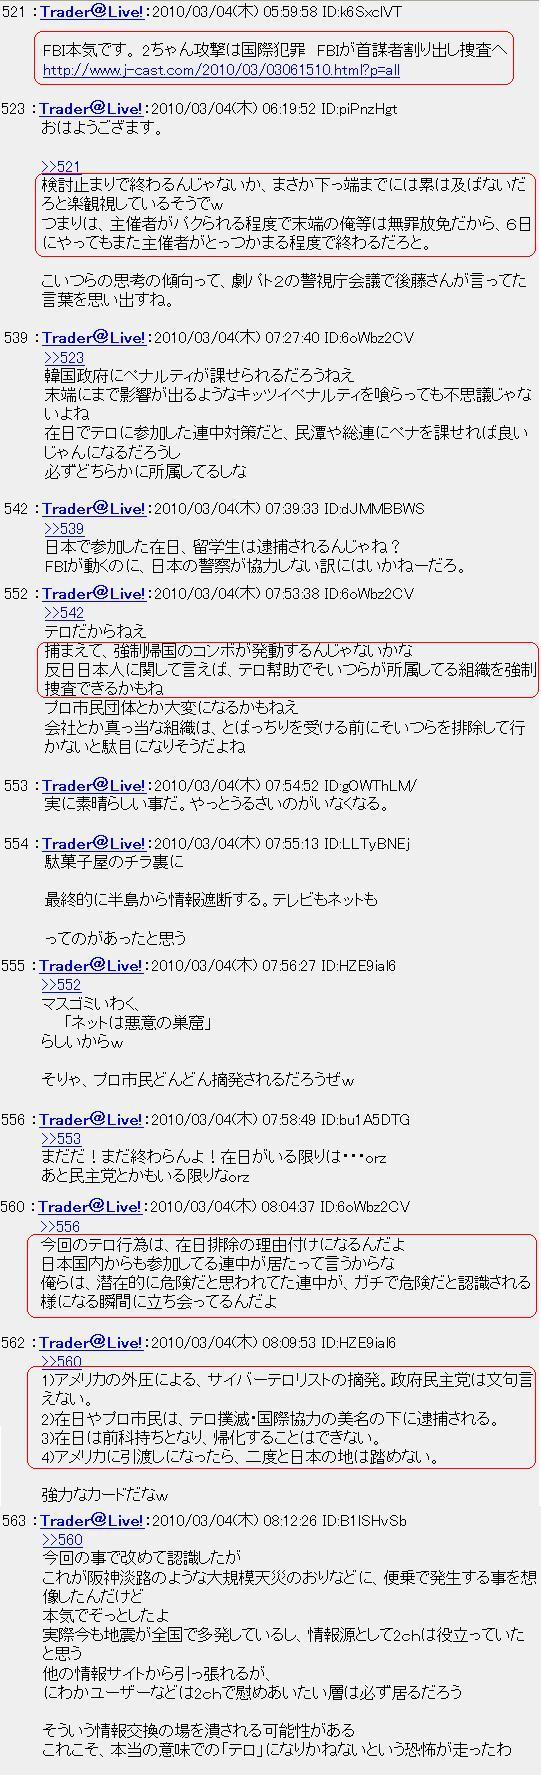 20100304FBI.jpg